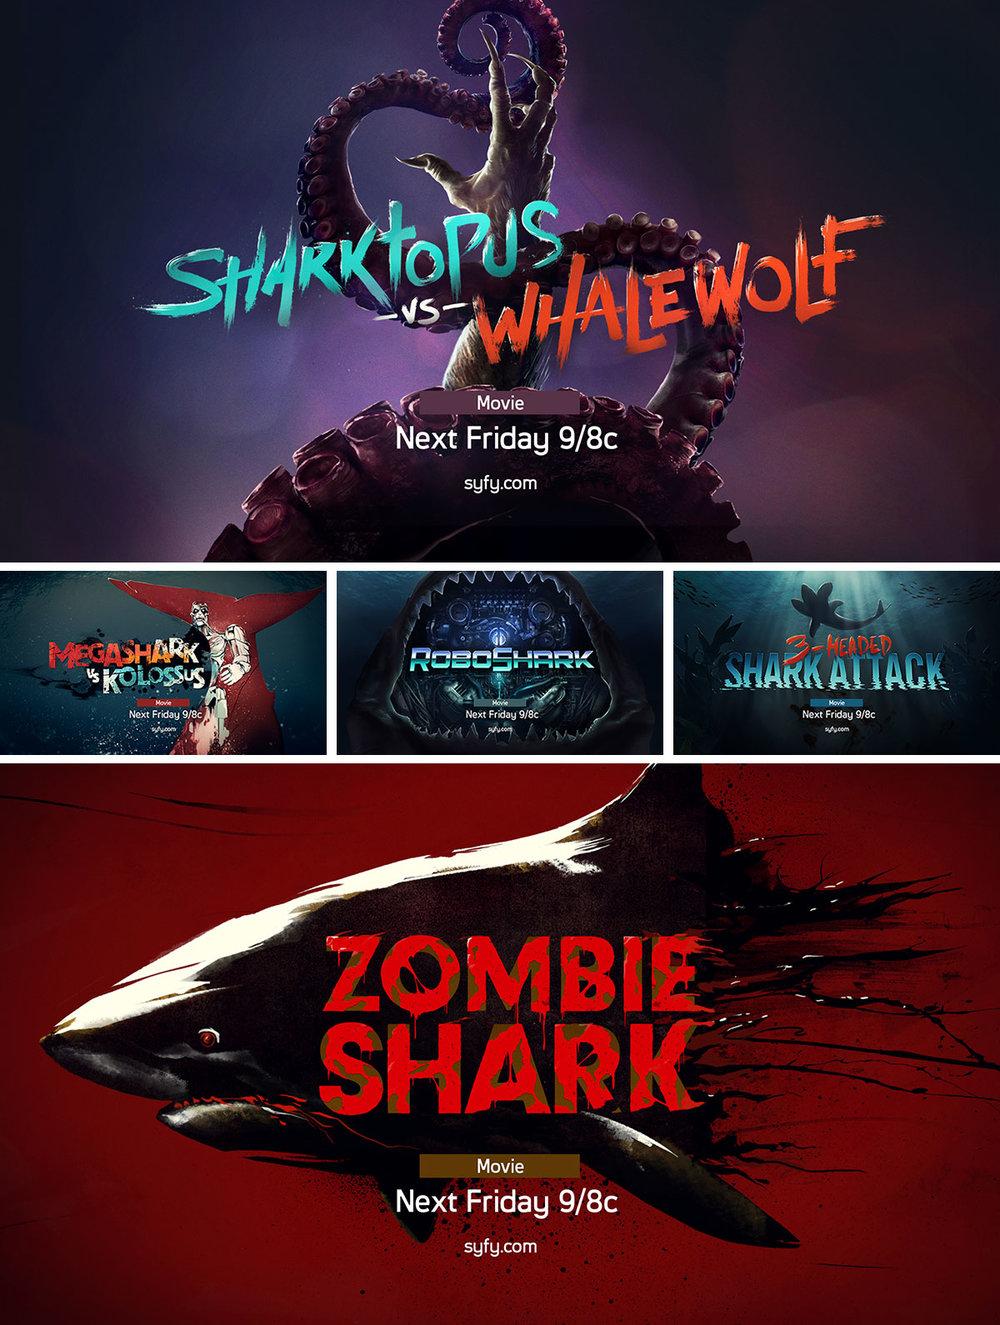 sharknado_frames.jpg